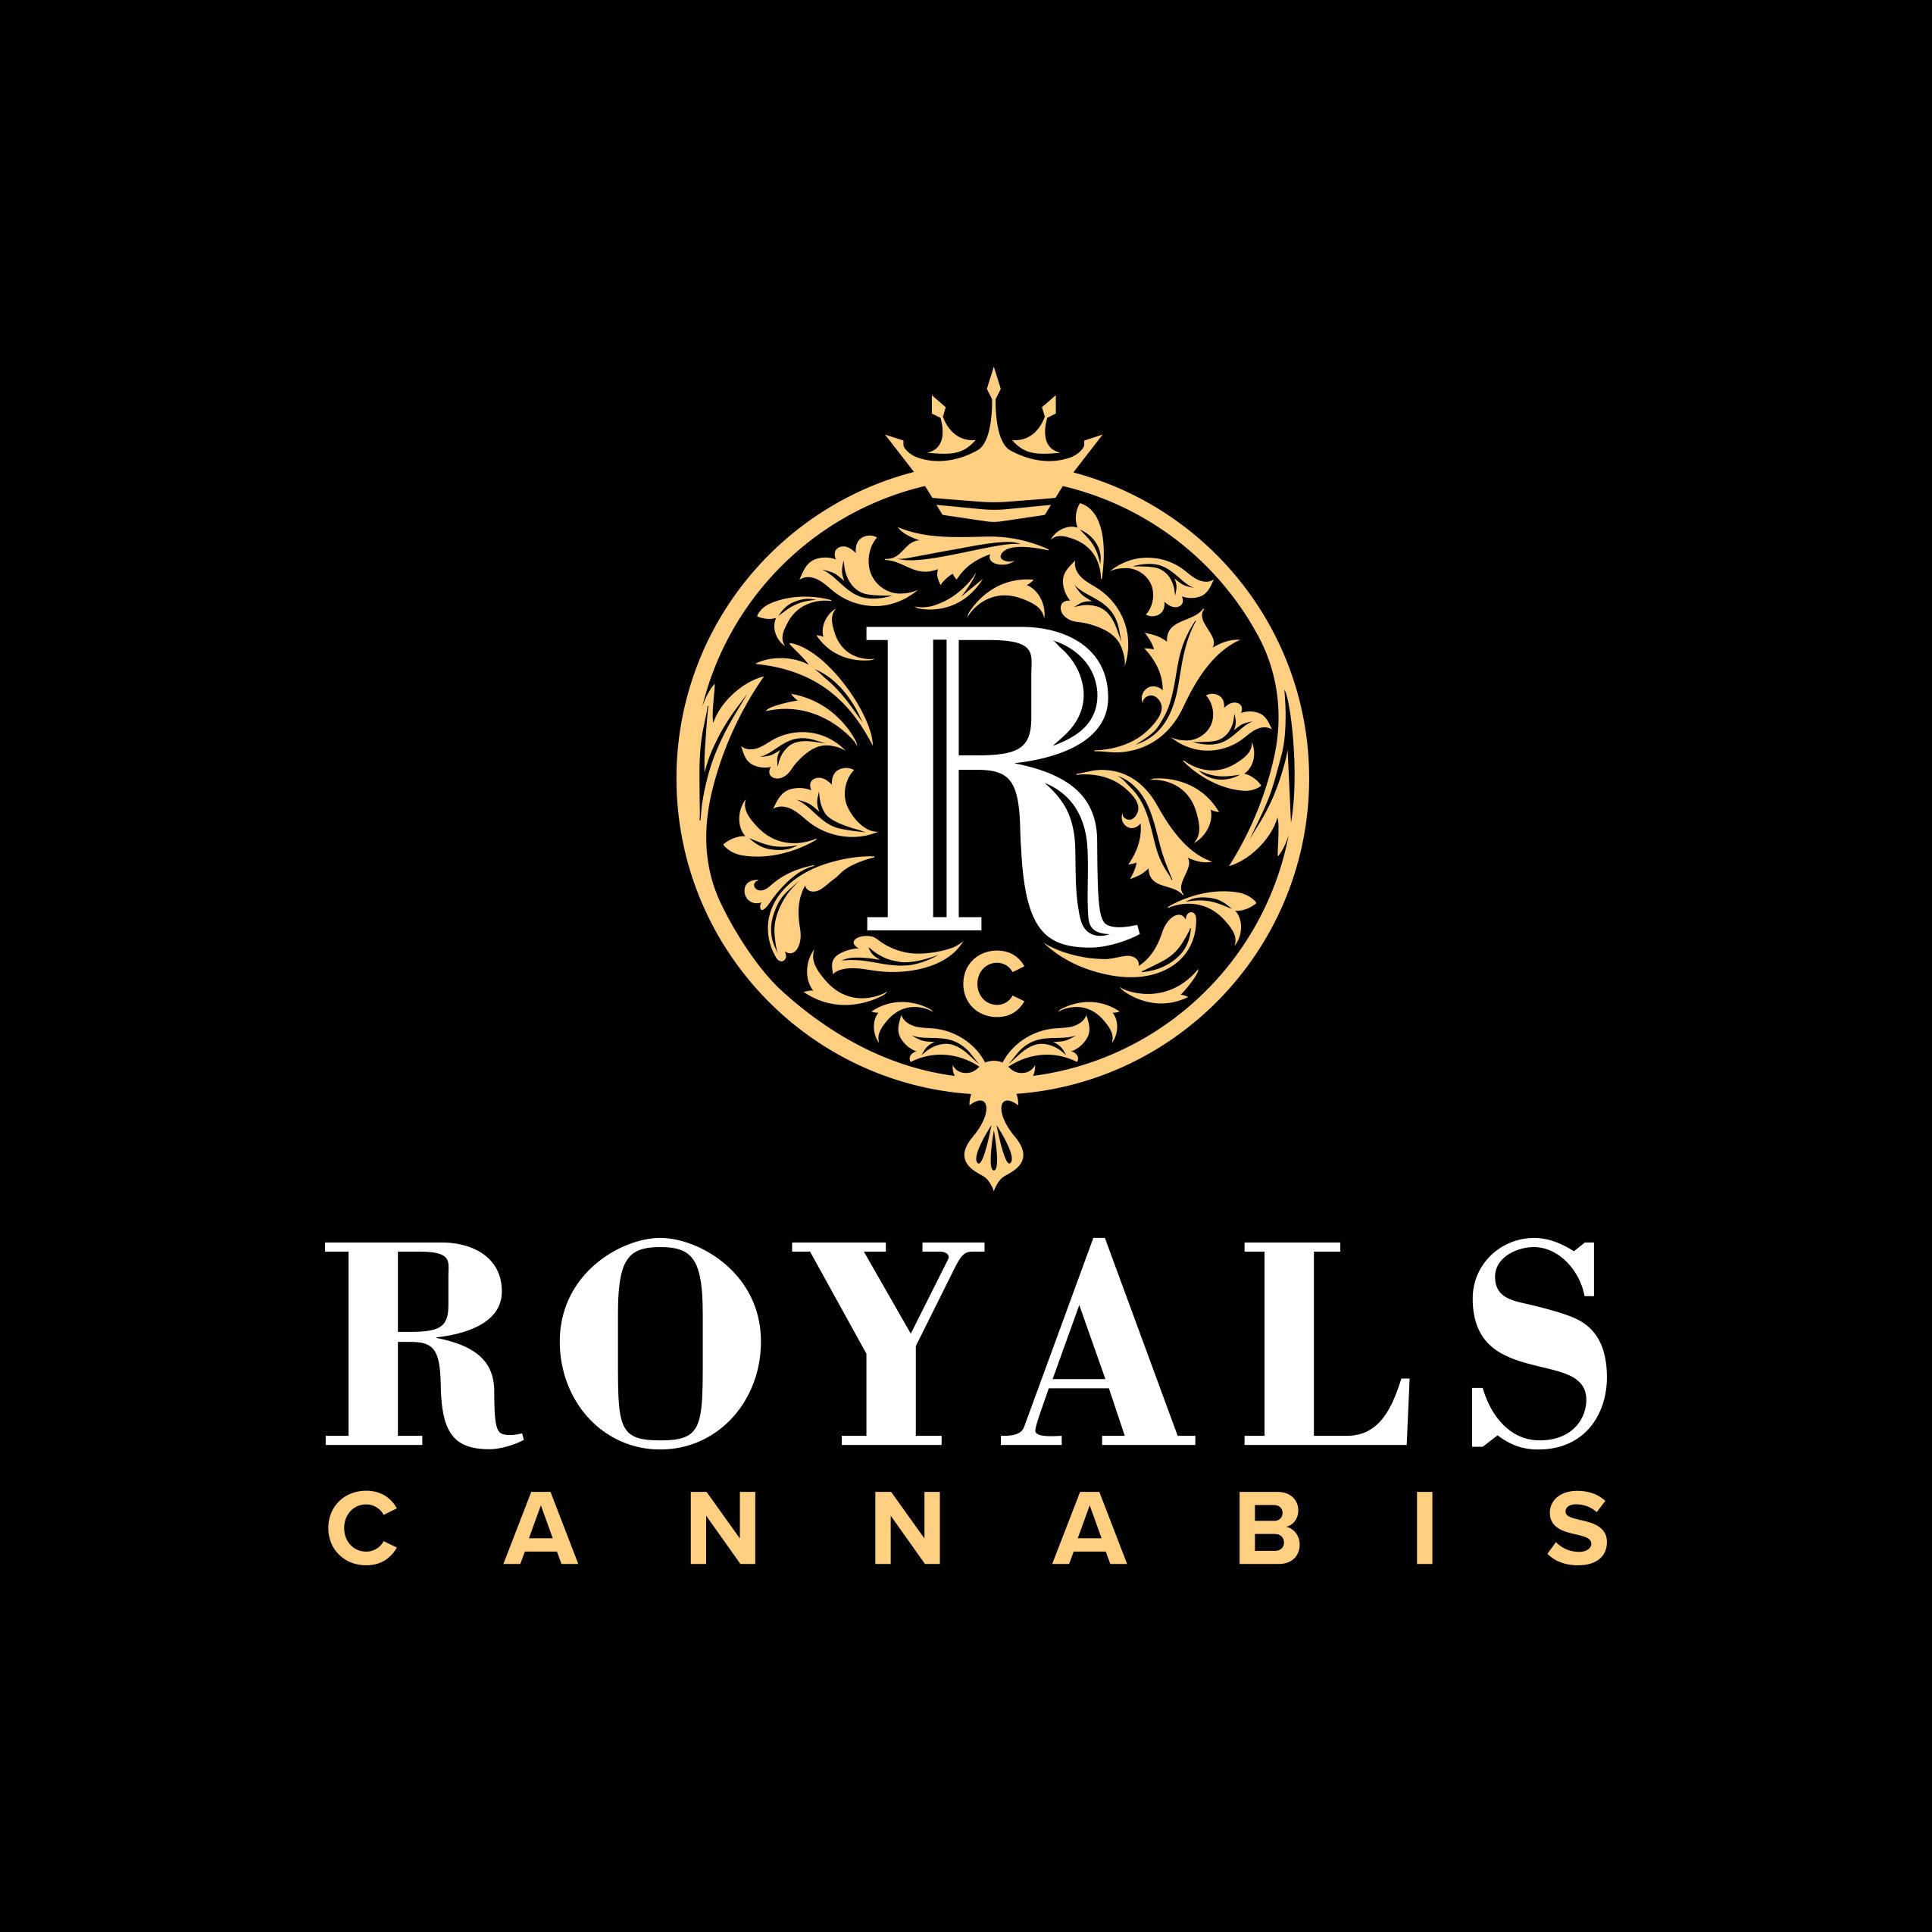 Royals Cannabis